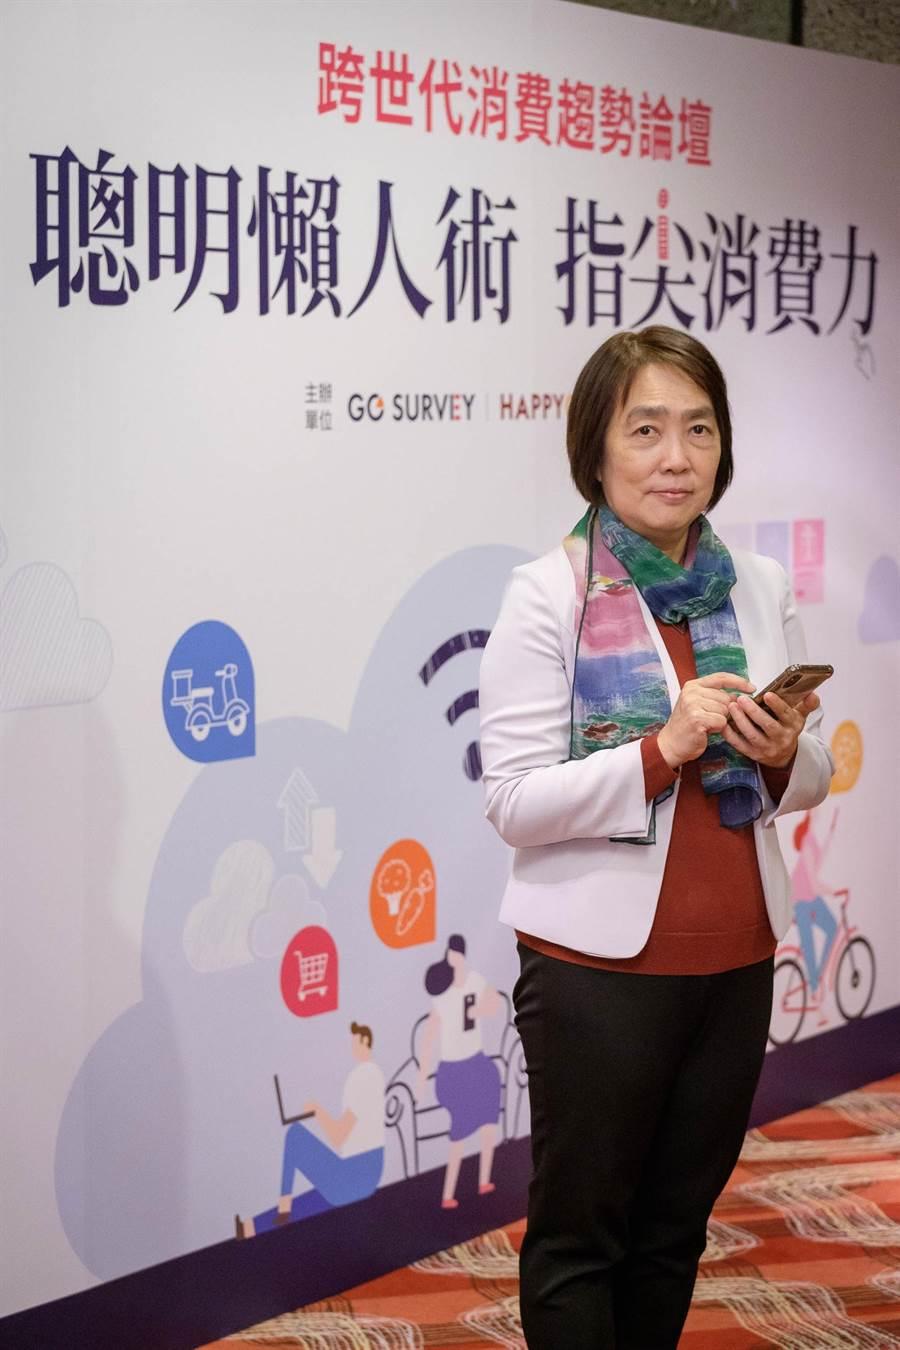 鼎鼎聯合行銷HAPPY GO總經理梁錦琳出席「跨世代消費年度趨勢論壇」擔任主要發言人。(鼎鼎聯合行銷提供)